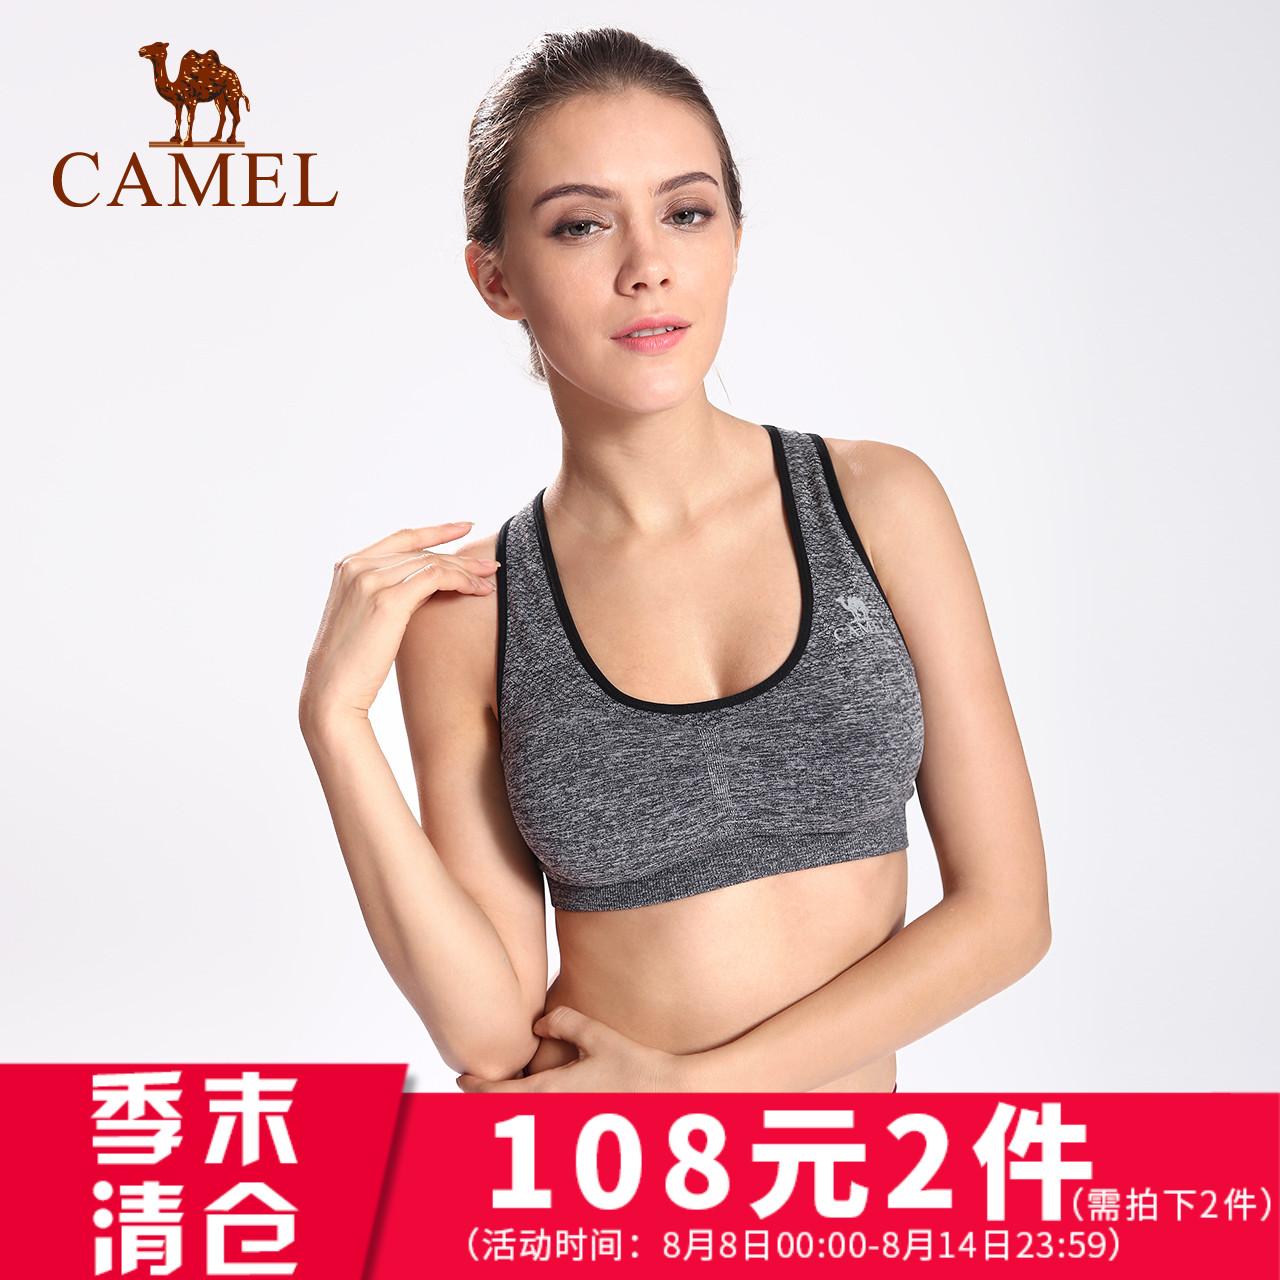 【断码清仓】骆驼运动文胸美背内衣 透气跑步防震瑜伽背心女bra